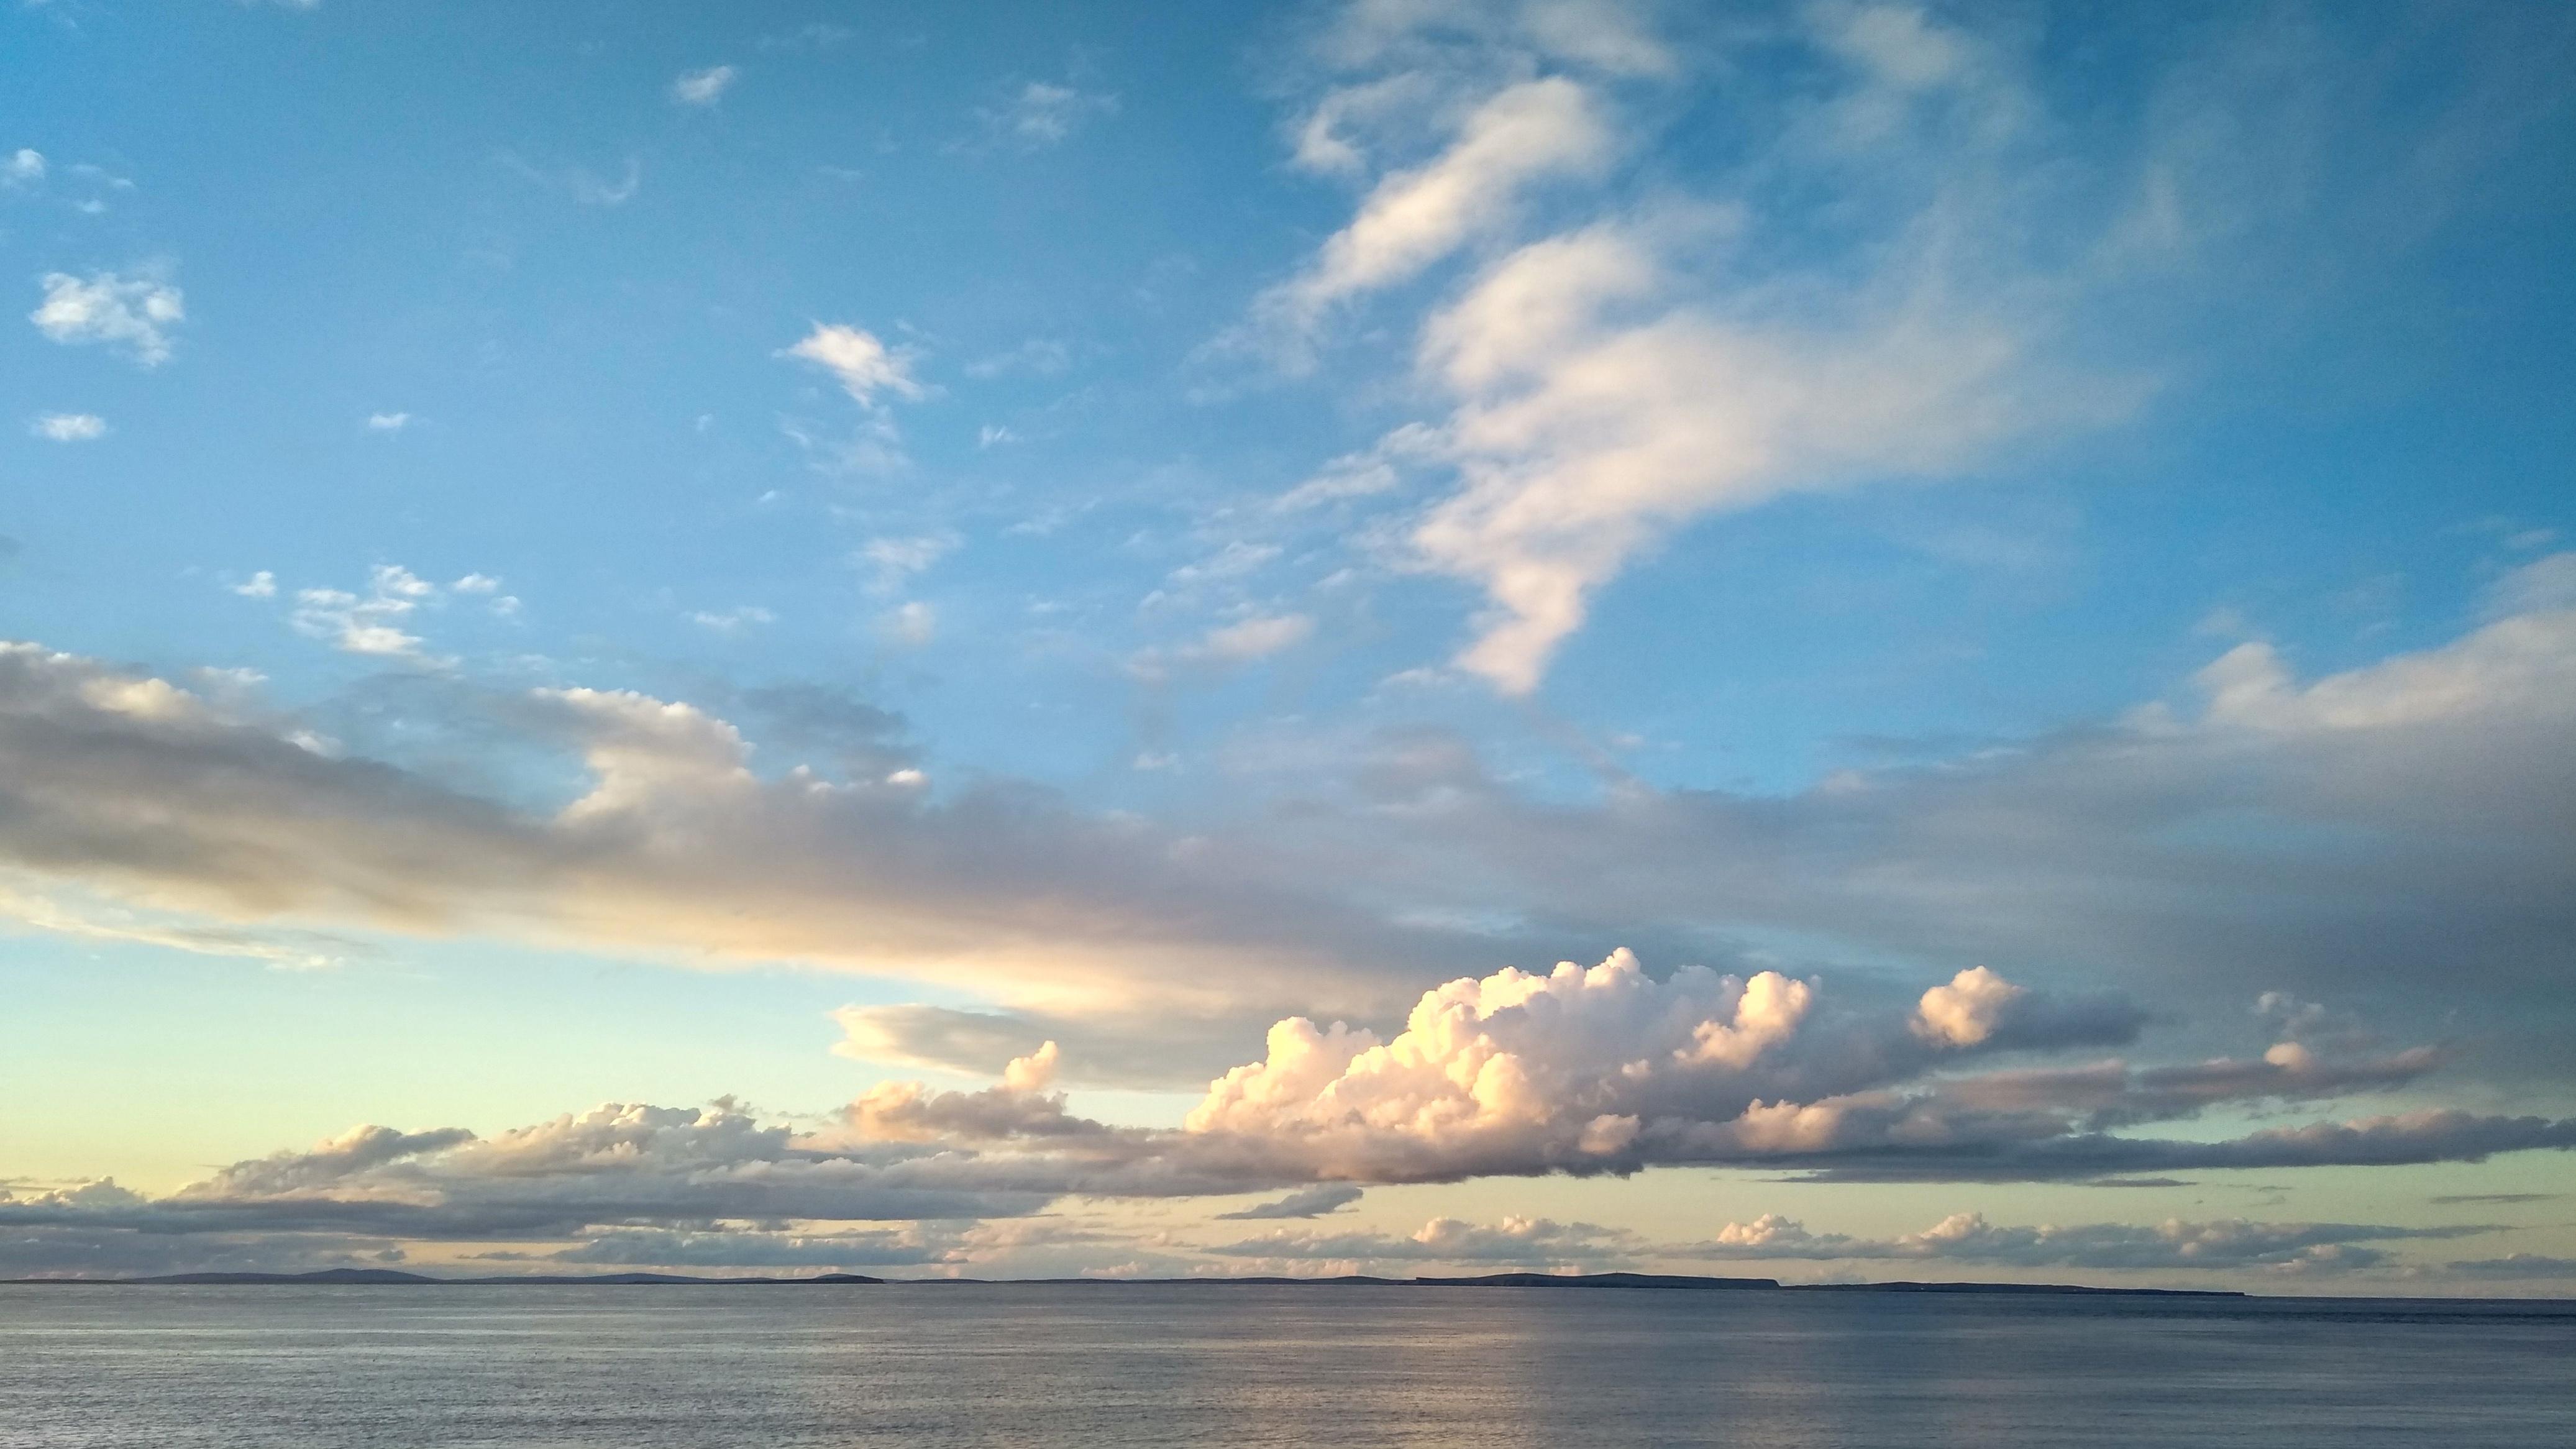 Sonnenuntergang in John o'Groats mit Blick auf die Orkneys